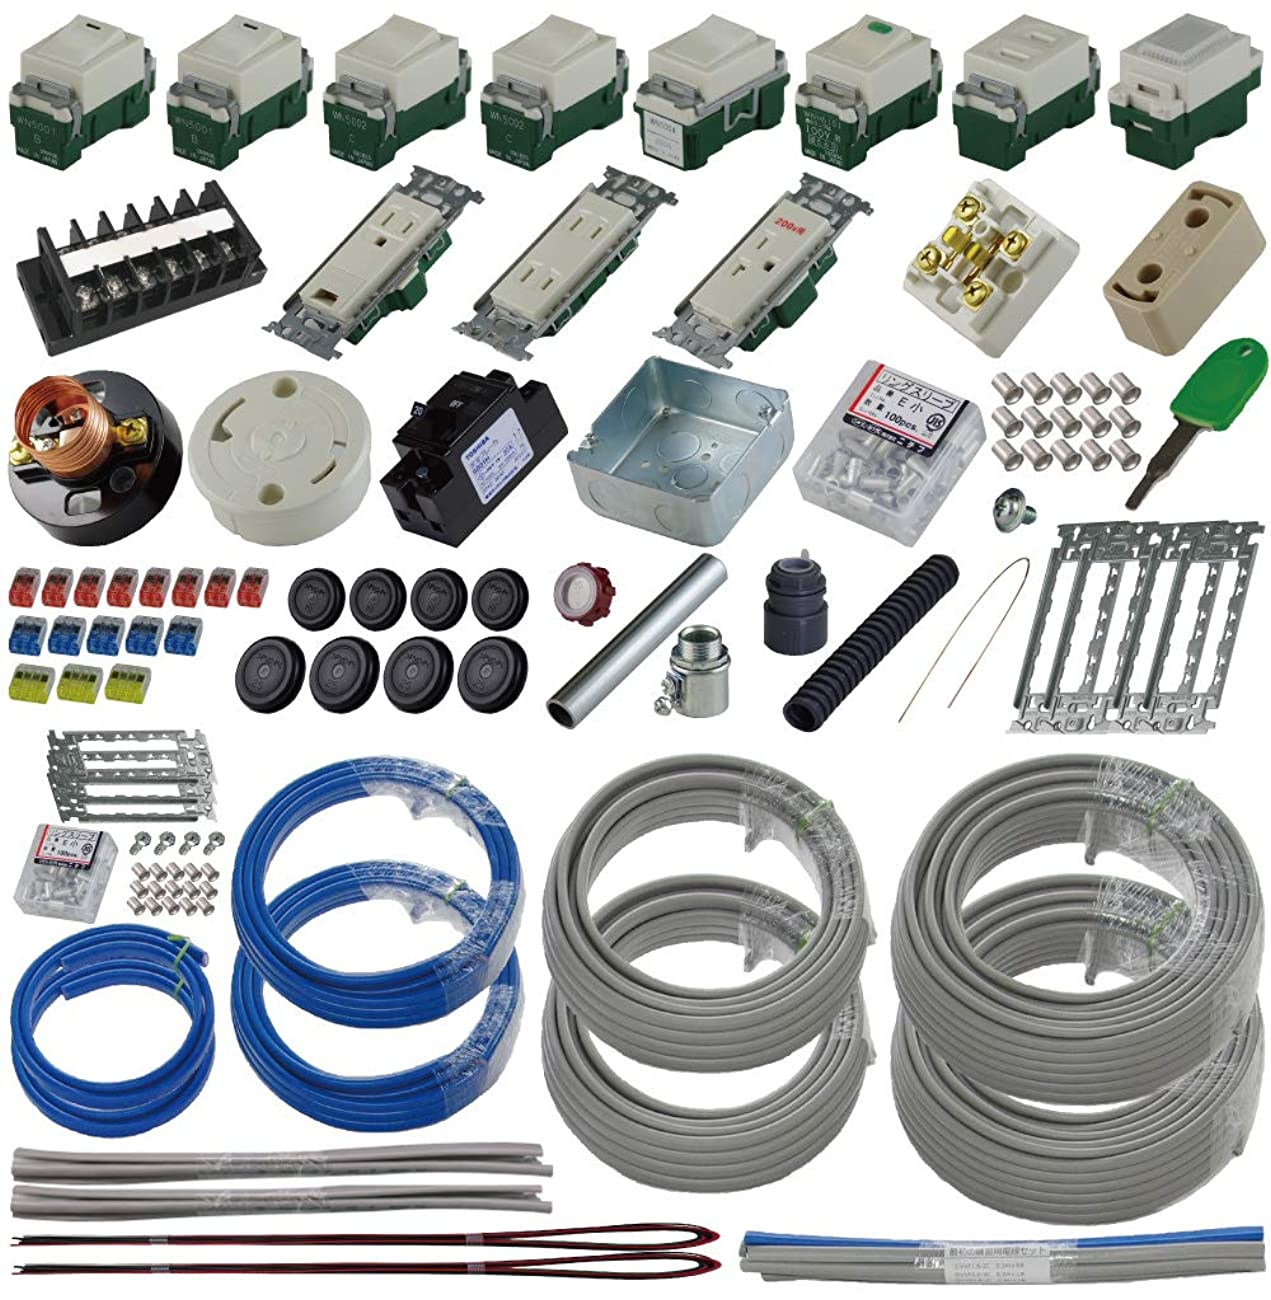 準備万端 (2回練習分) 第二種電気工事士技能試験練習用材料 「全13問分の器具?電線セット」